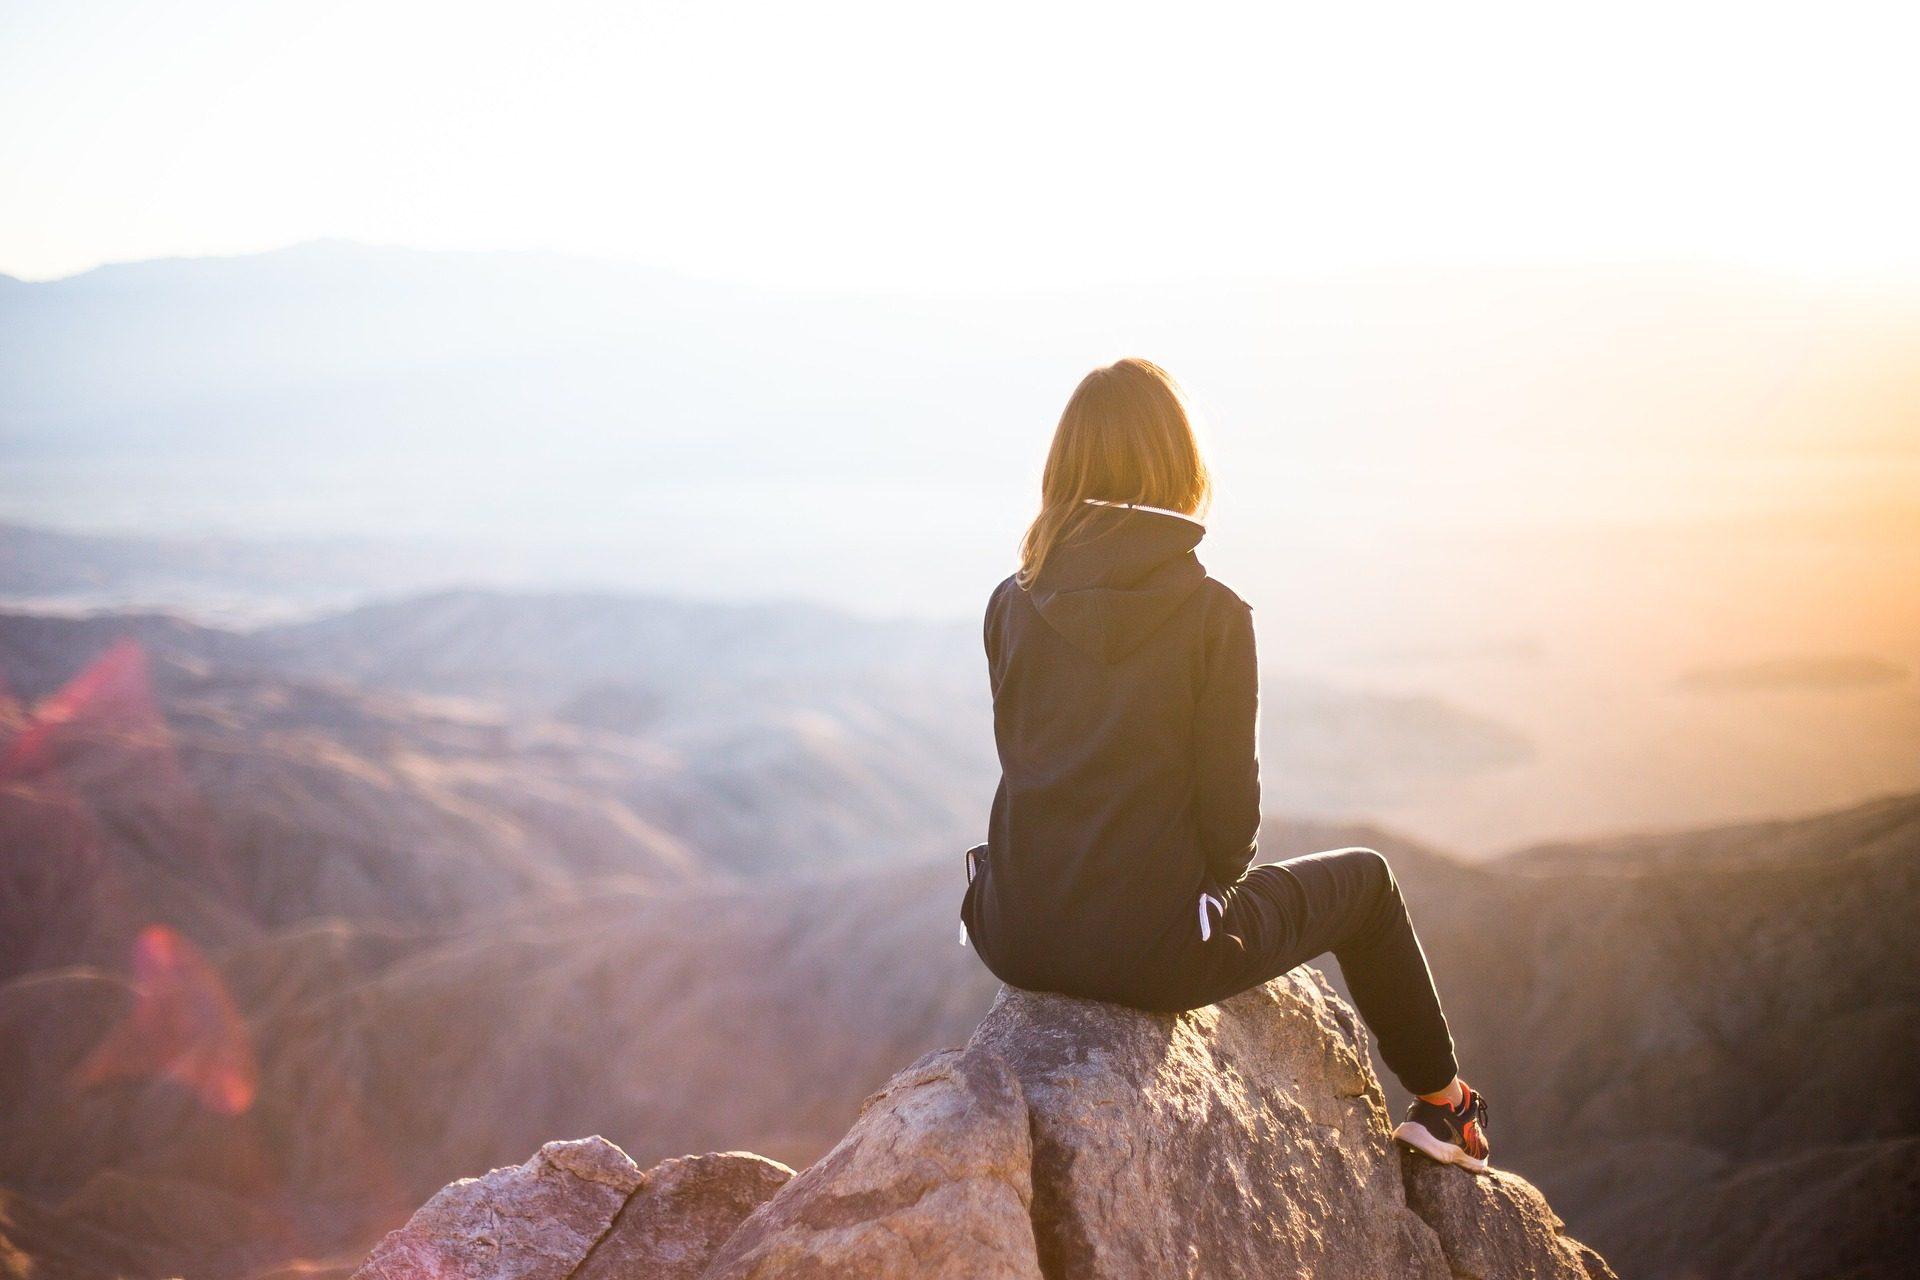 kobieta na szczycie góry,rehabilitacja w górach